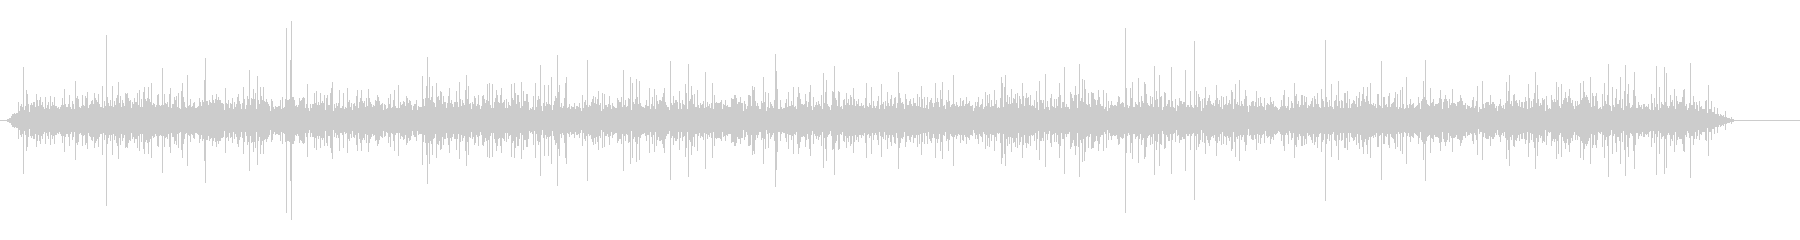 リオミディアムヘビーフロー2の未再生の波形